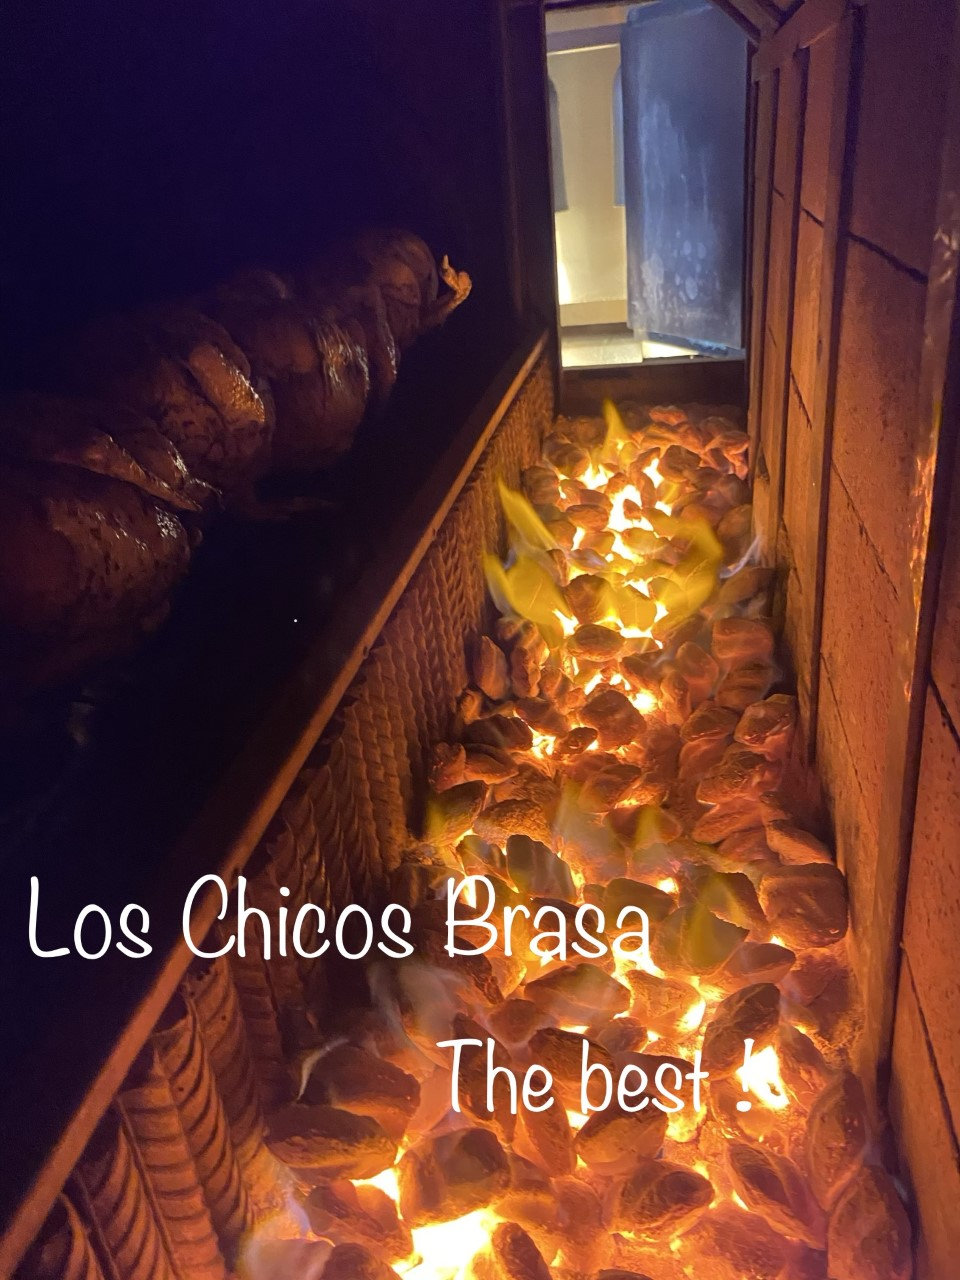 LOS CHICOS BRASA VAUGHAN.jpg